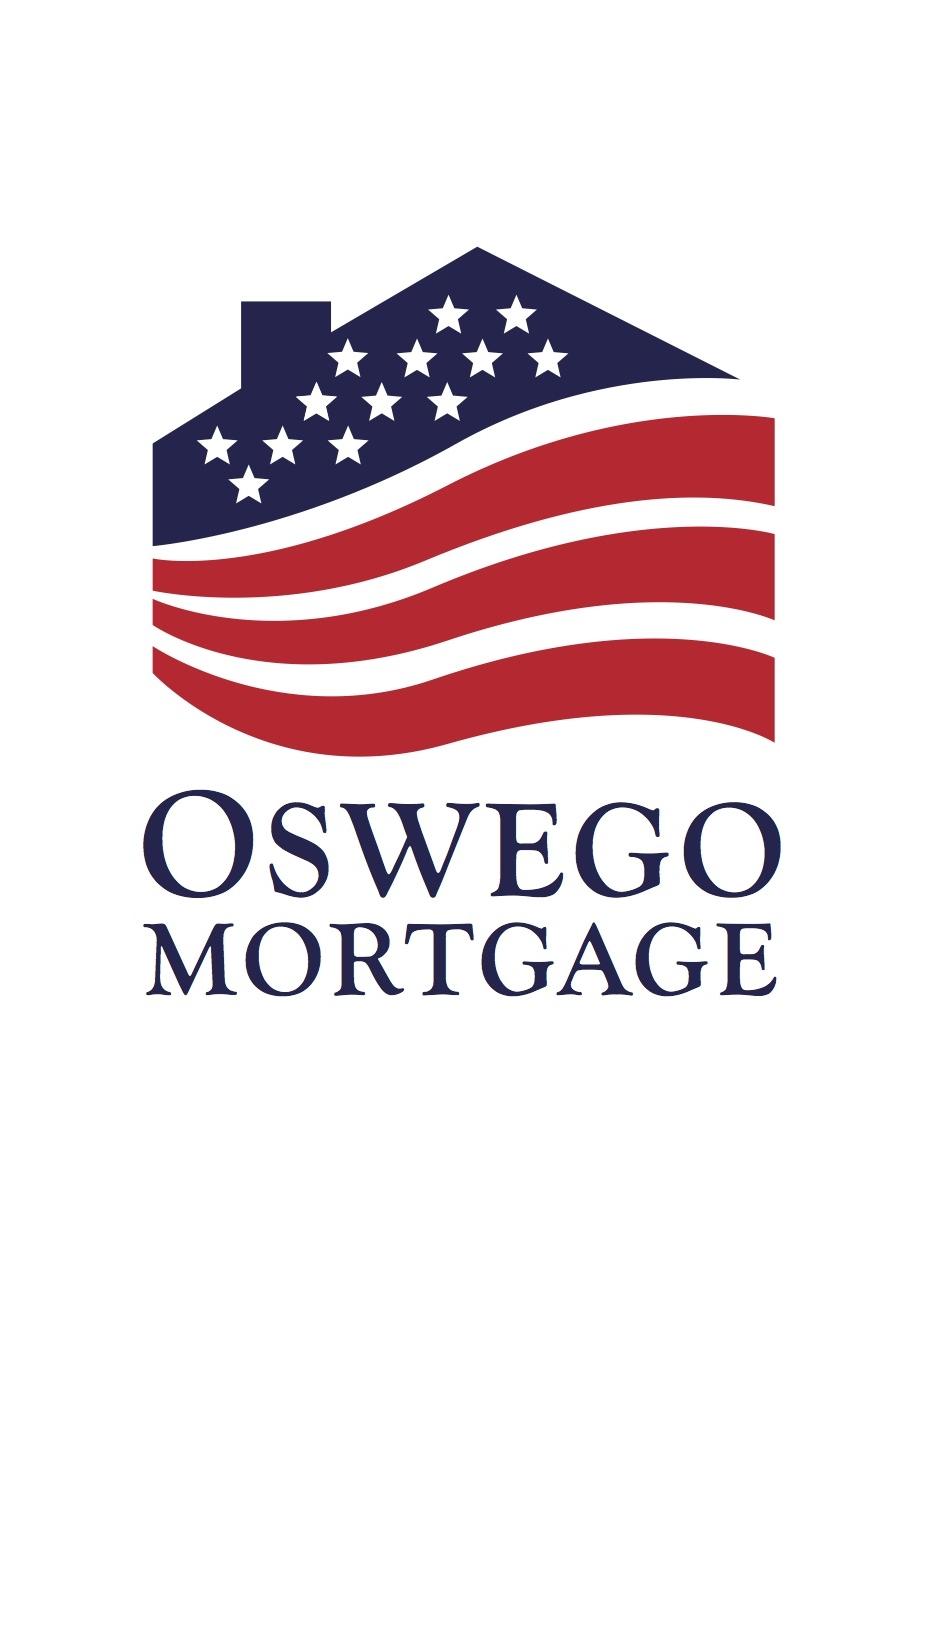 OswegoMortgageFinal3.jpg